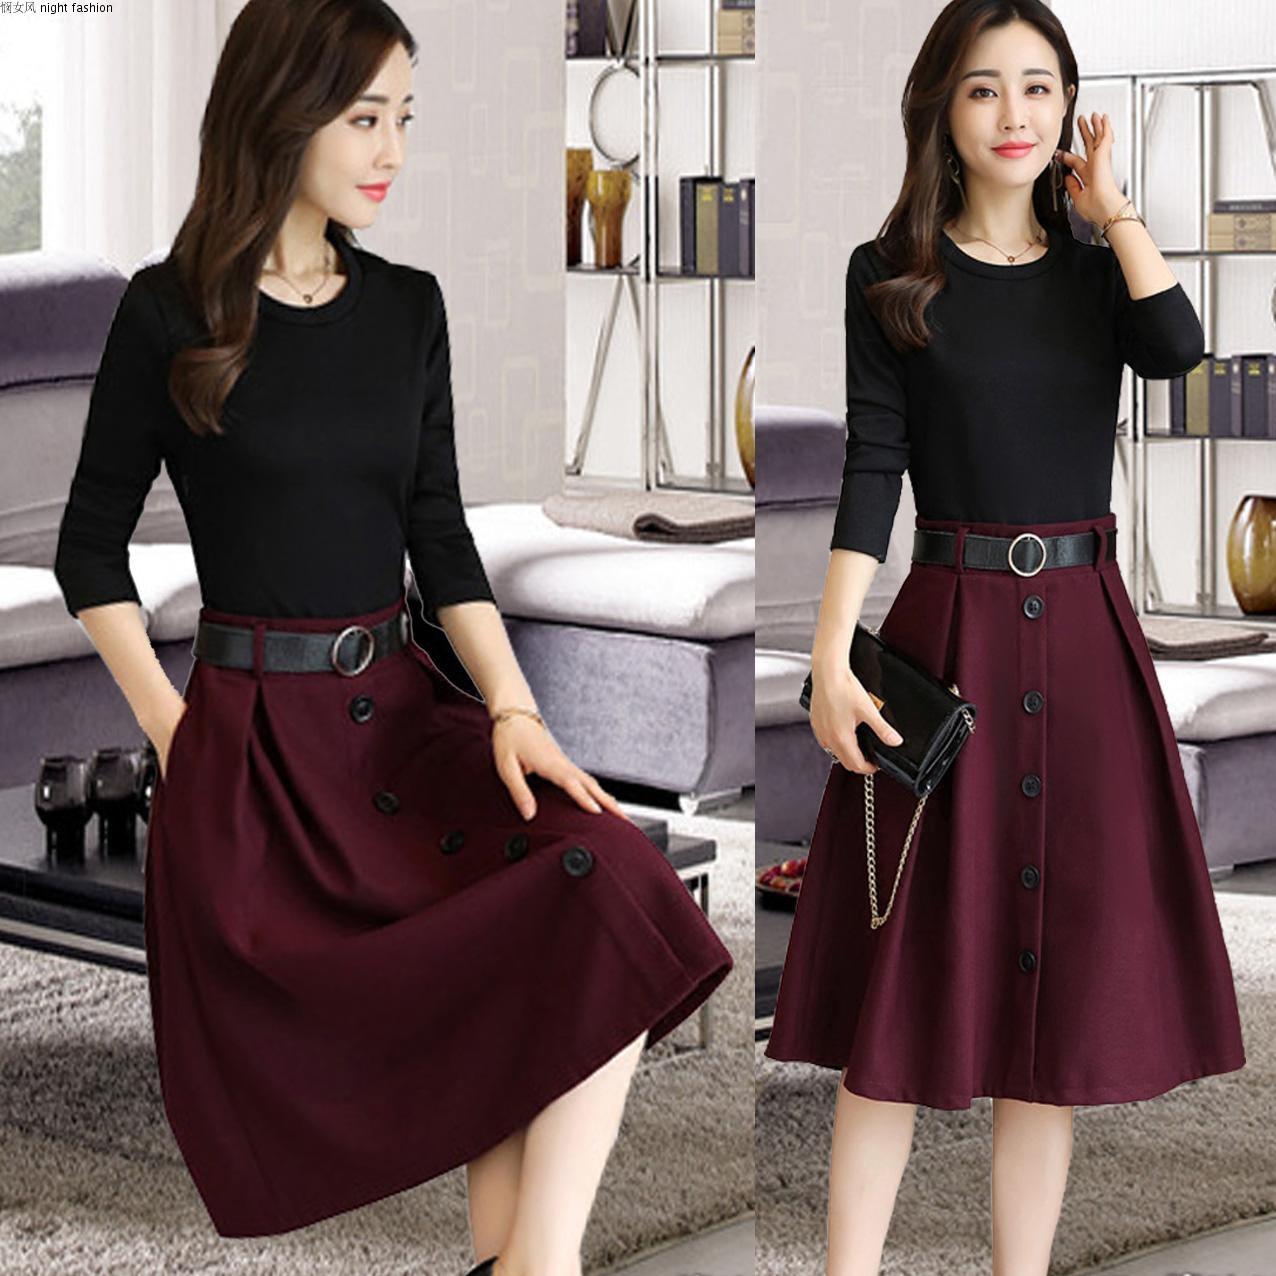 长袖韩版时尚修身时髦假两件套装裙优惠券